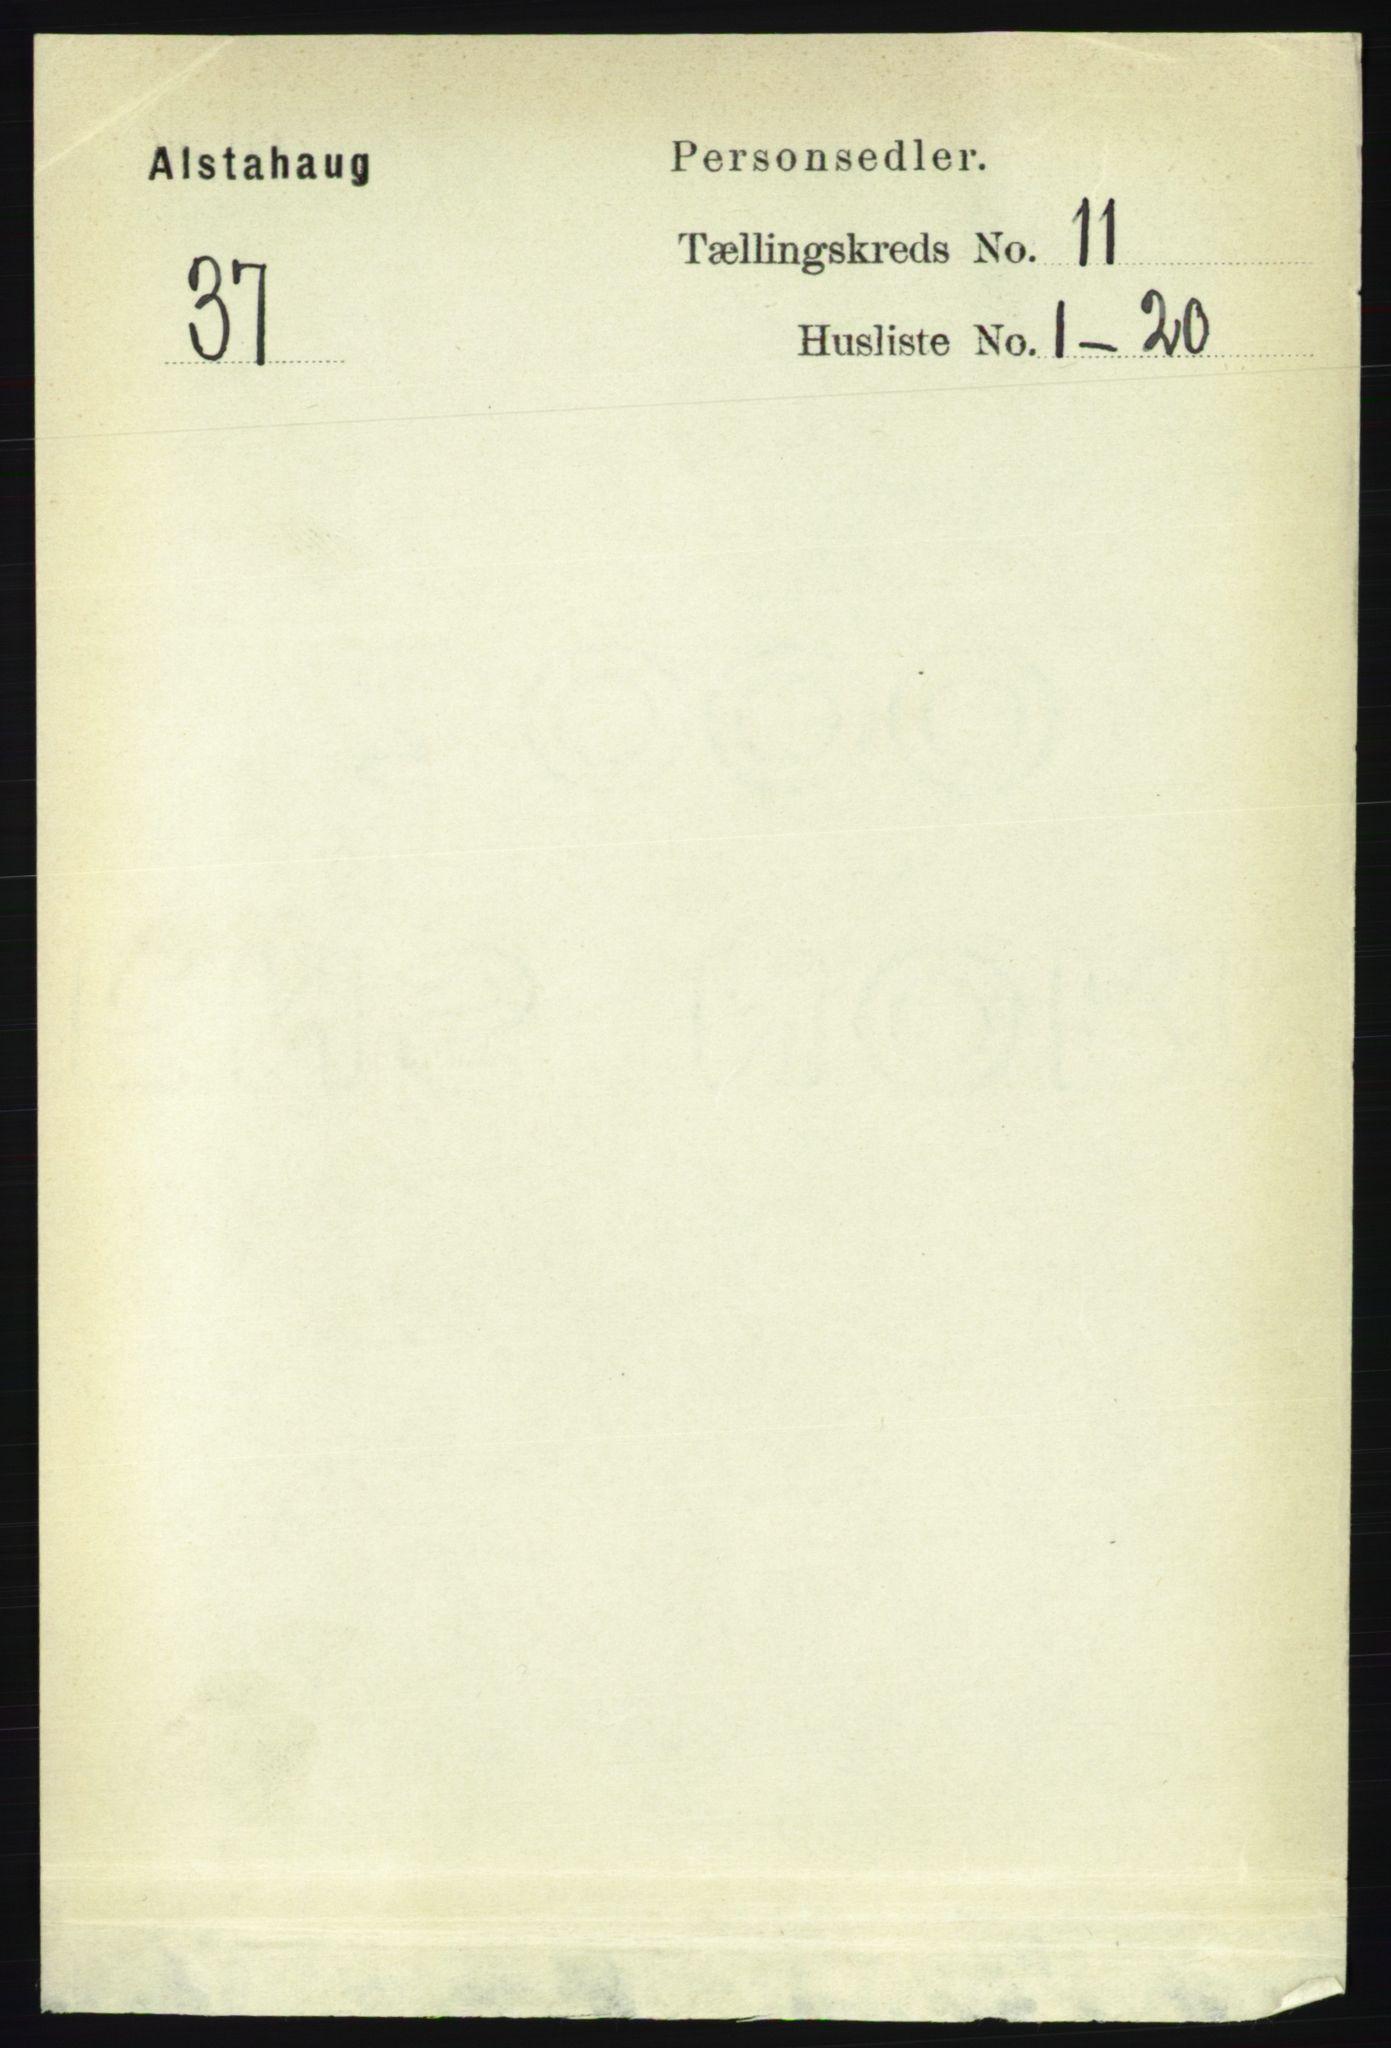 RA, Folketelling 1891 for 1820 Alstahaug herred, 1891, s. 3869